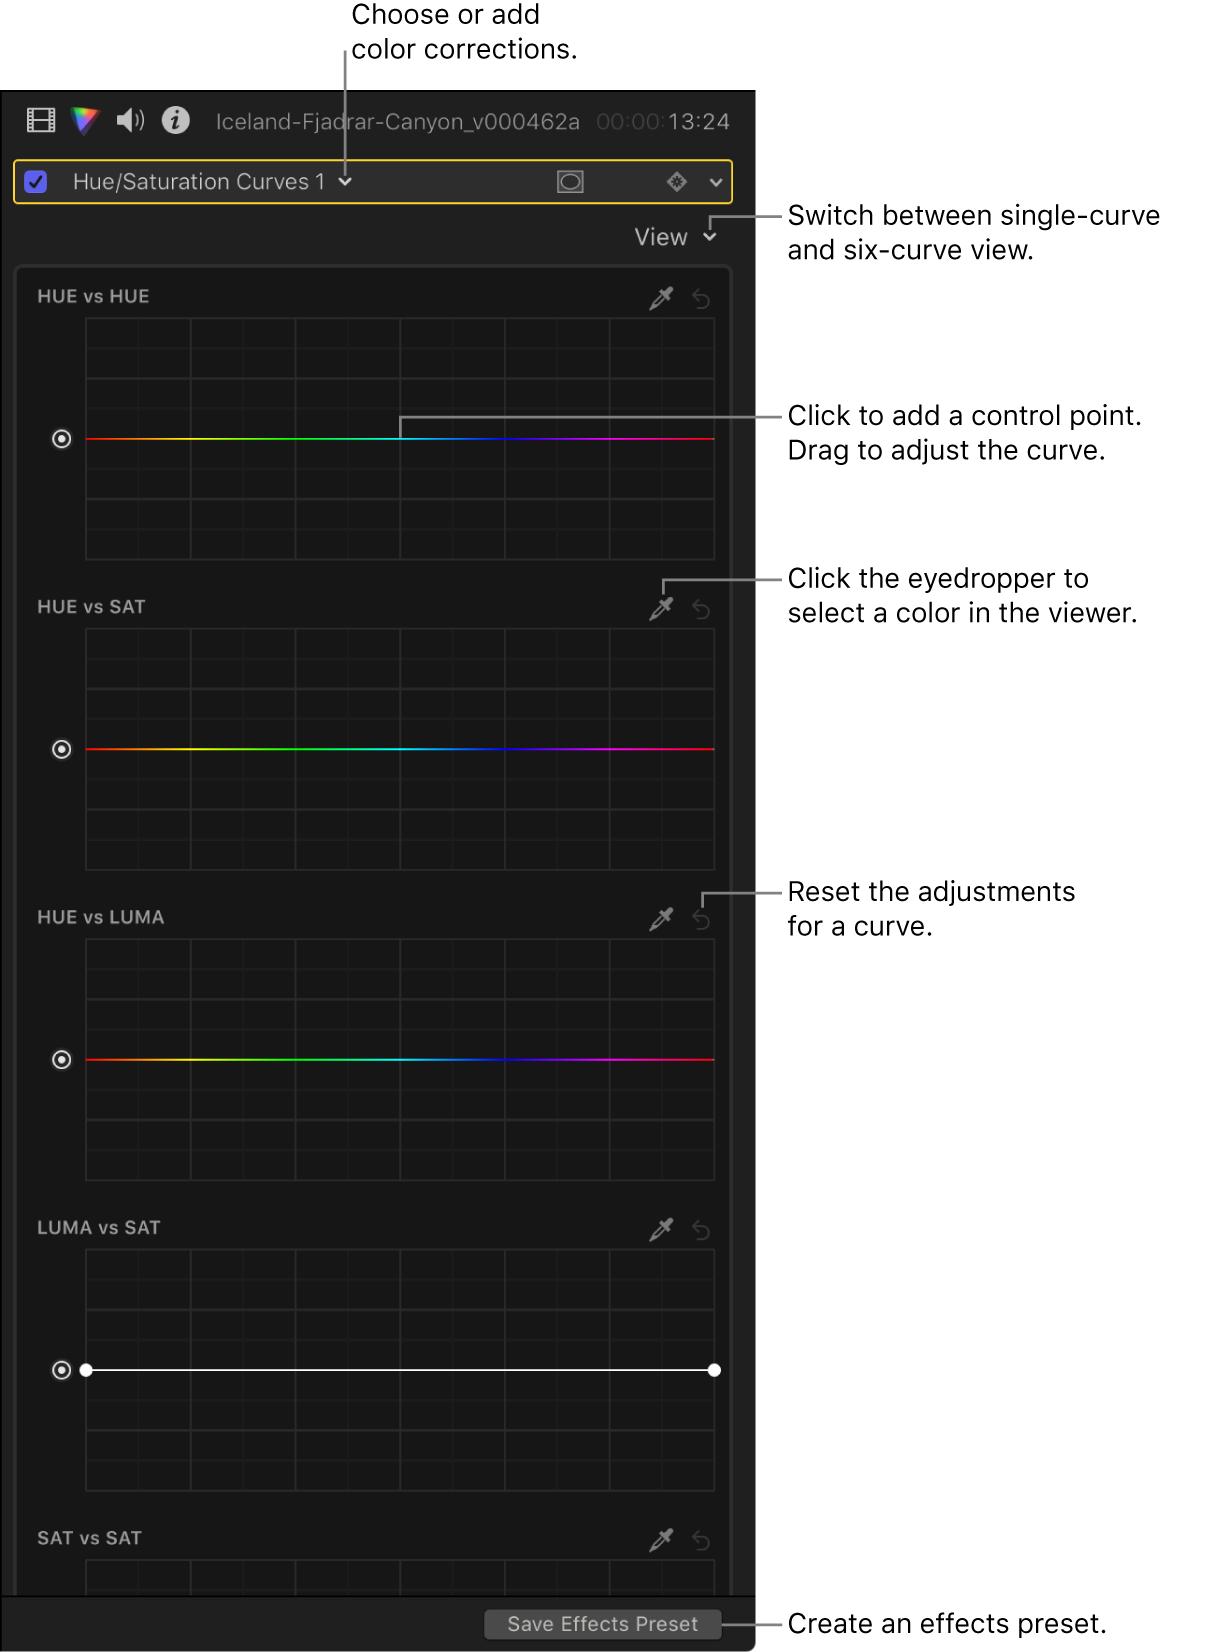 「カラー」インスペクタのヒュー/サチュレーションカーブ